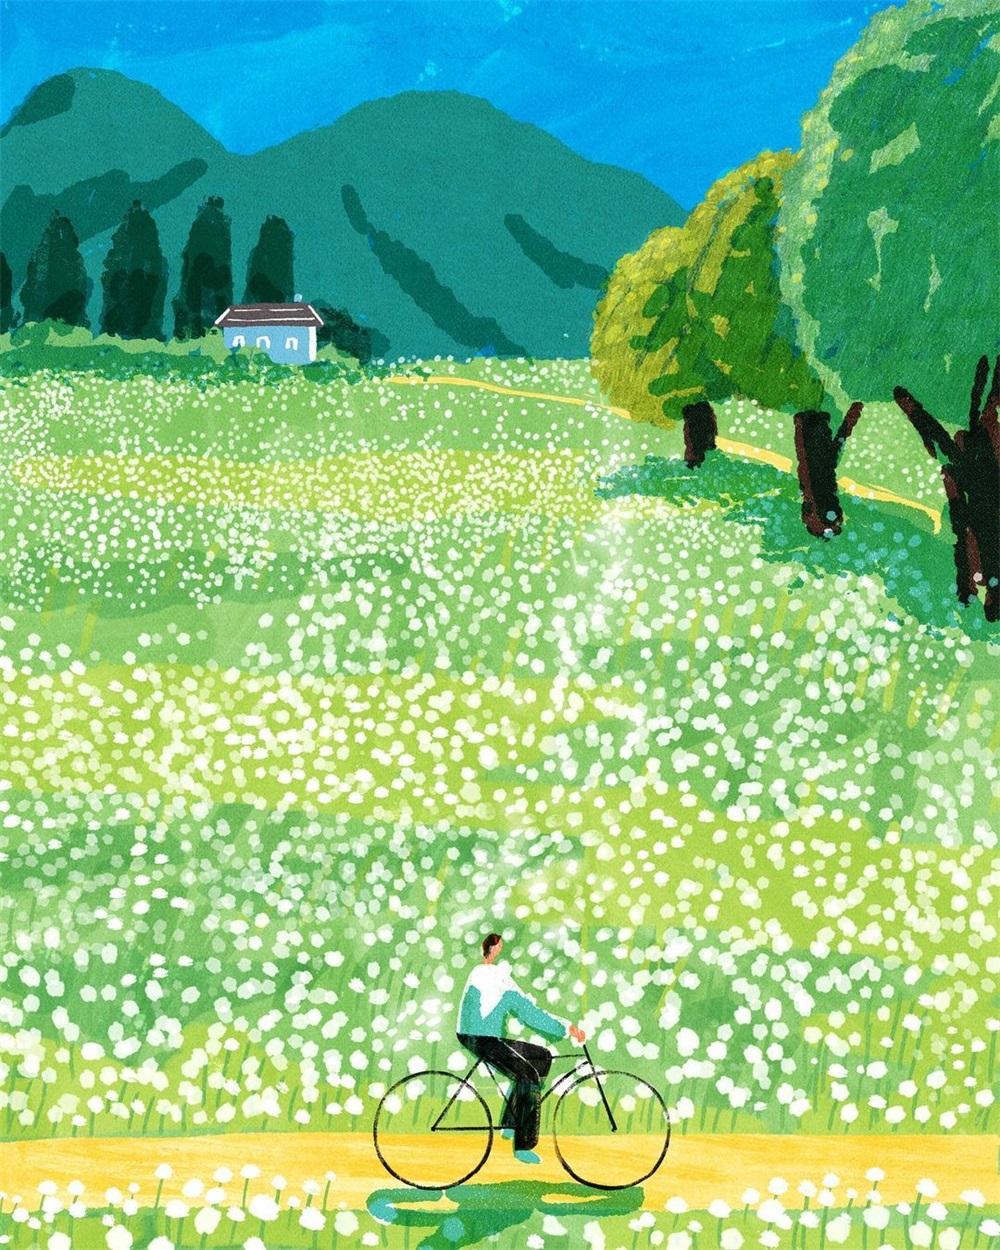 温馨的生活日常!10款春夏季节场景插画